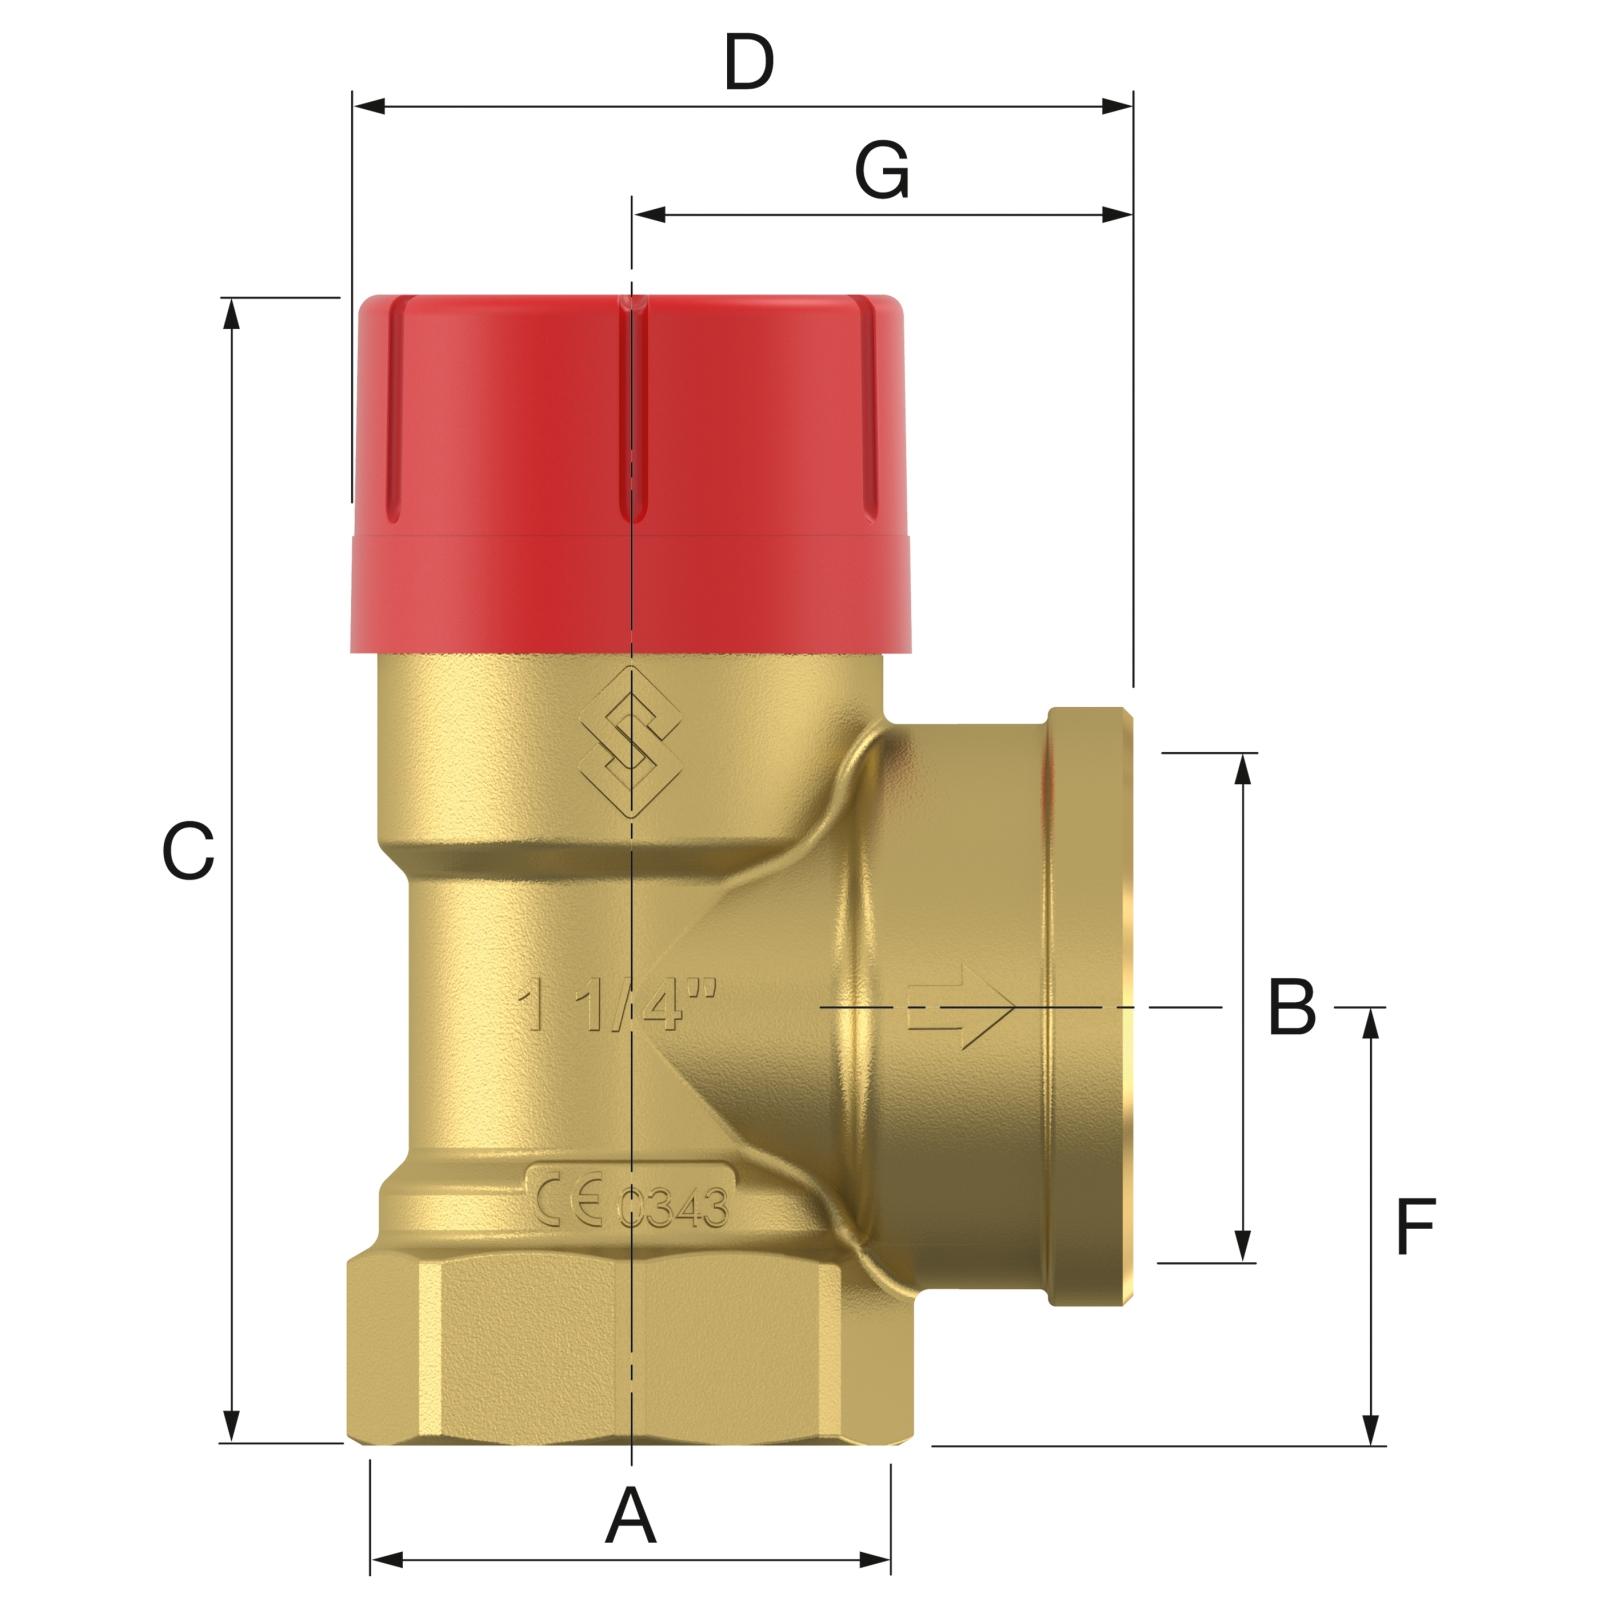 Flamco Prescor 1x5/4 - 3 bar Biztonsági szelep (27045) műszaki ábra